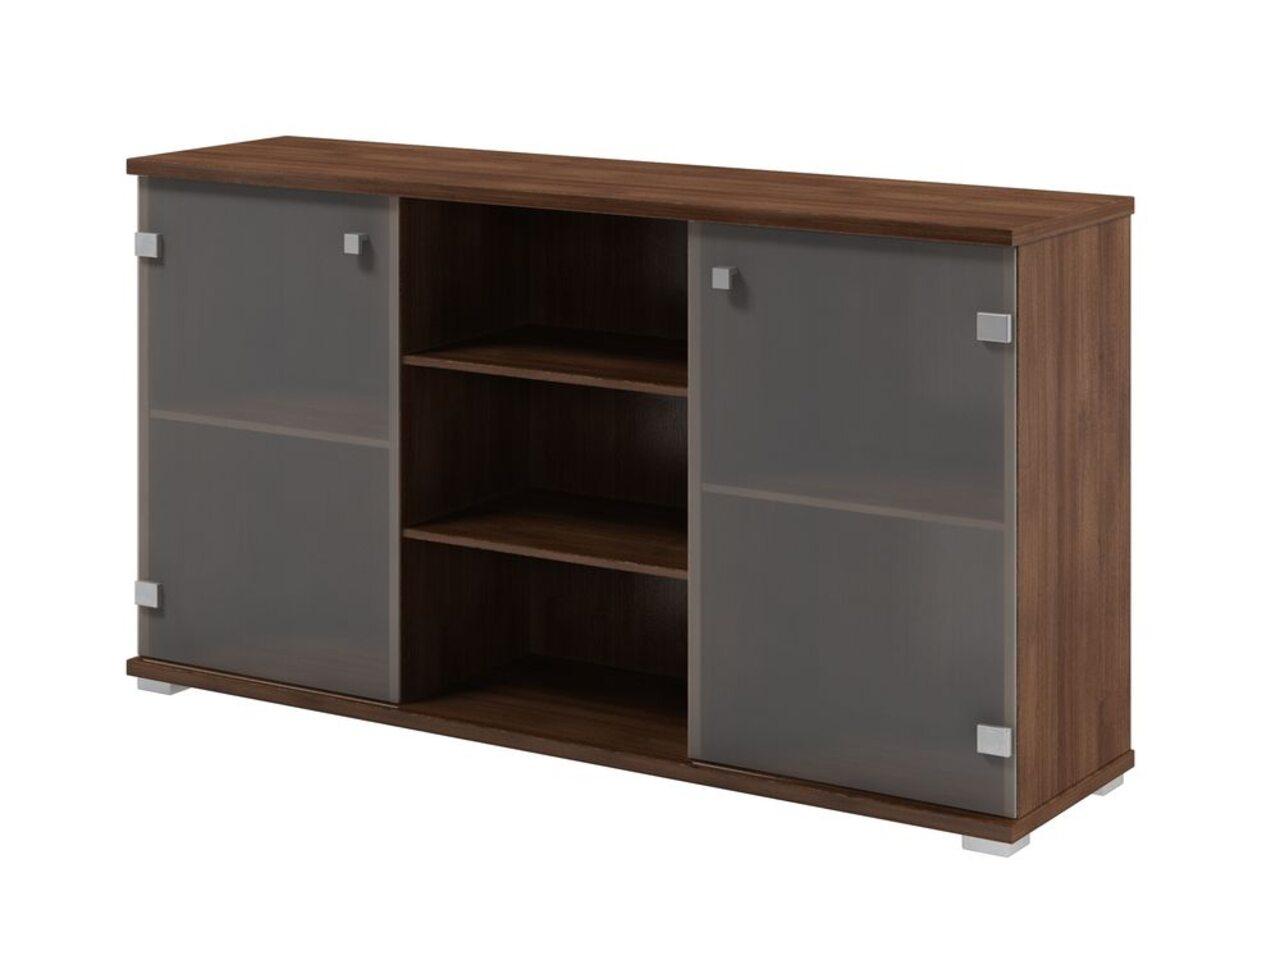 Шкаф приставной к двум столам  Space 134x35x73 - фото 1